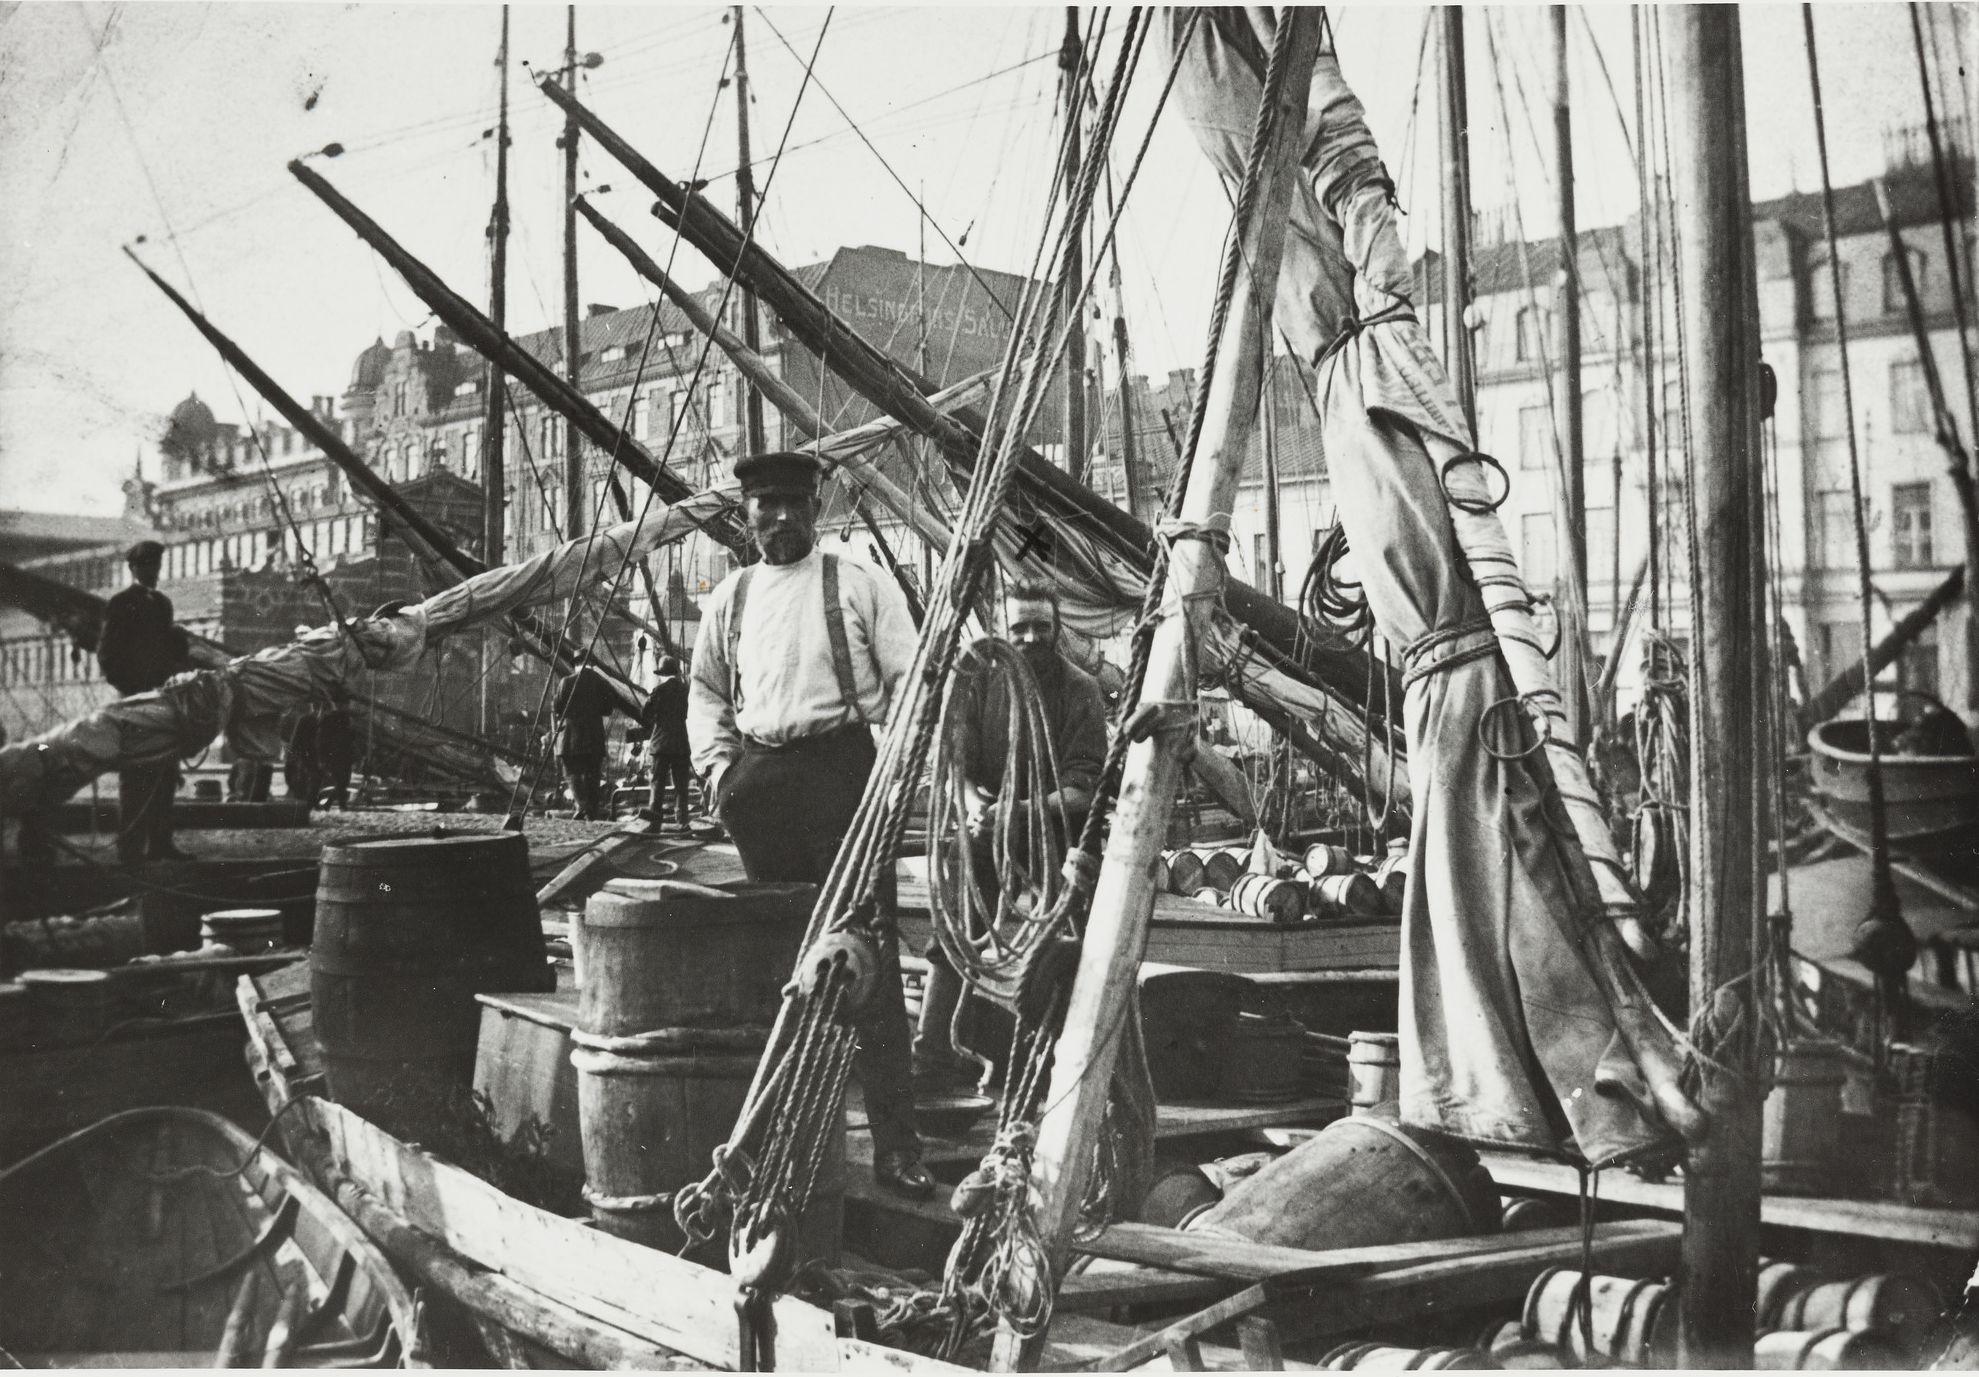 Suolakala kuului suomalaisten ruokavalioon 1920–1930-luvuilla. Kuva on otettu Helsingin vuoden 1927 silakkamarkkinoilta. (Museovirasto)